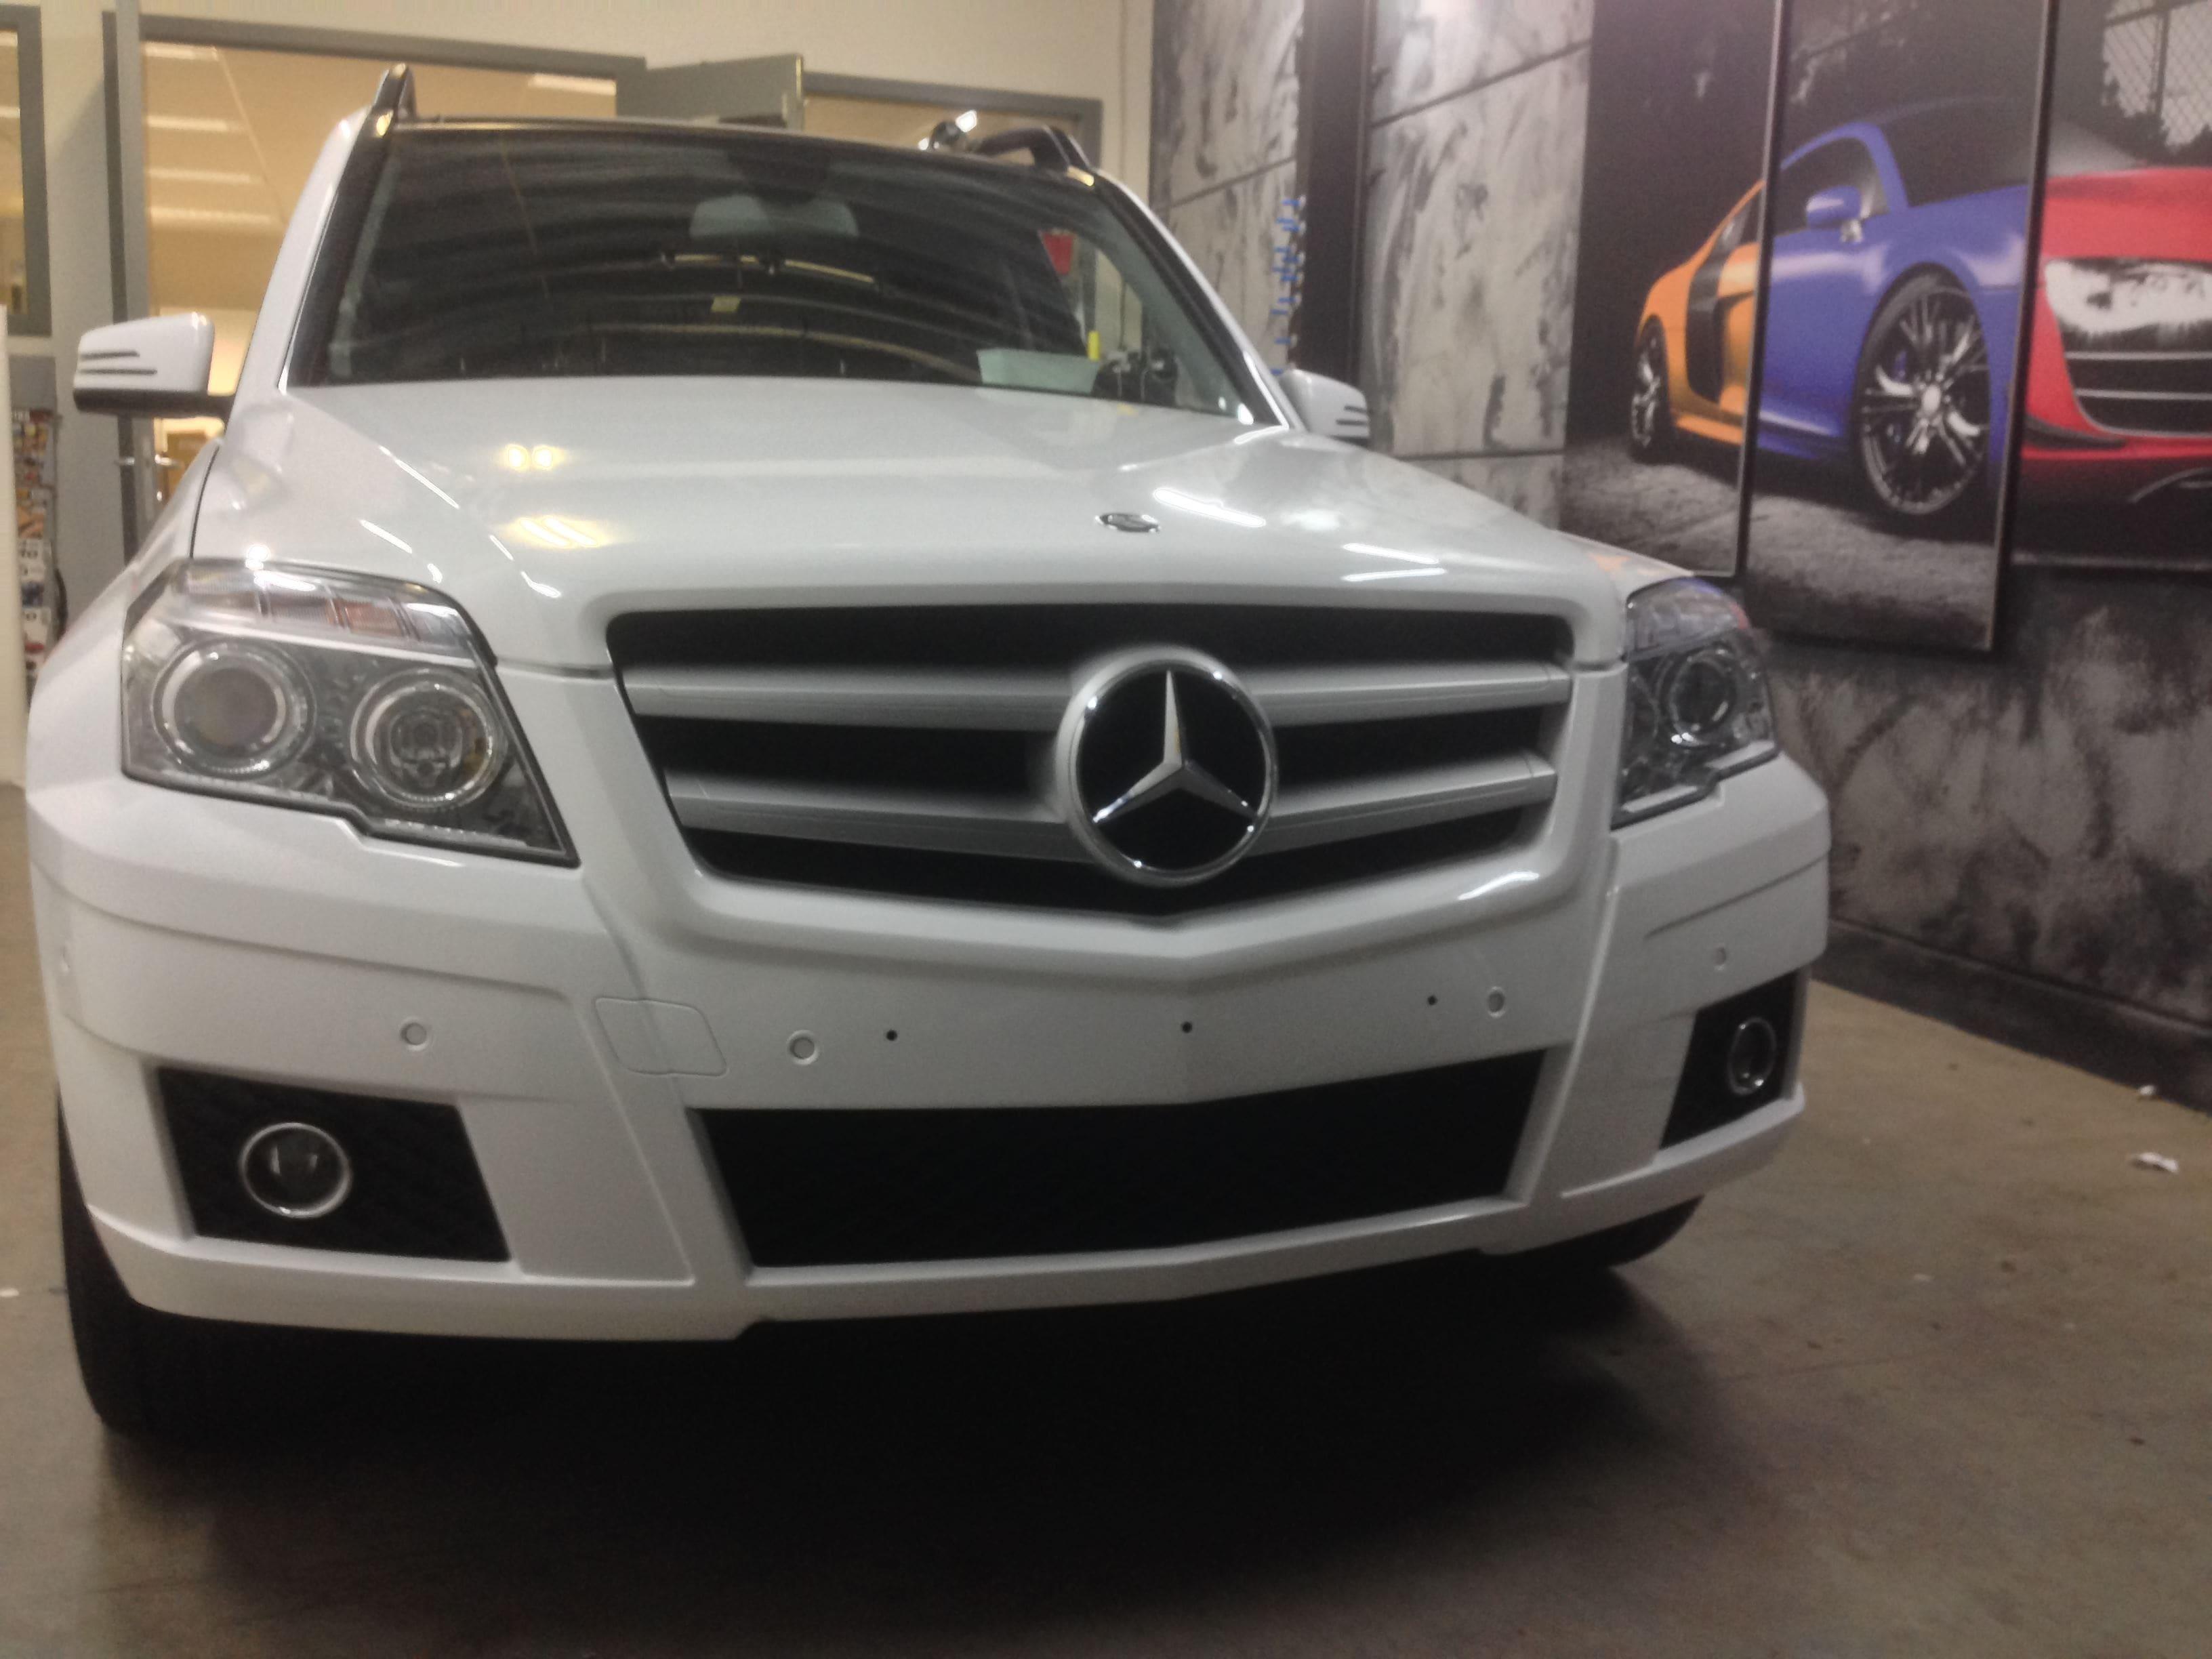 Mercedes GLK met Glossy White Wrap, Carwrapping door Wrapmyride.nu Foto-nr:6303, ©2020